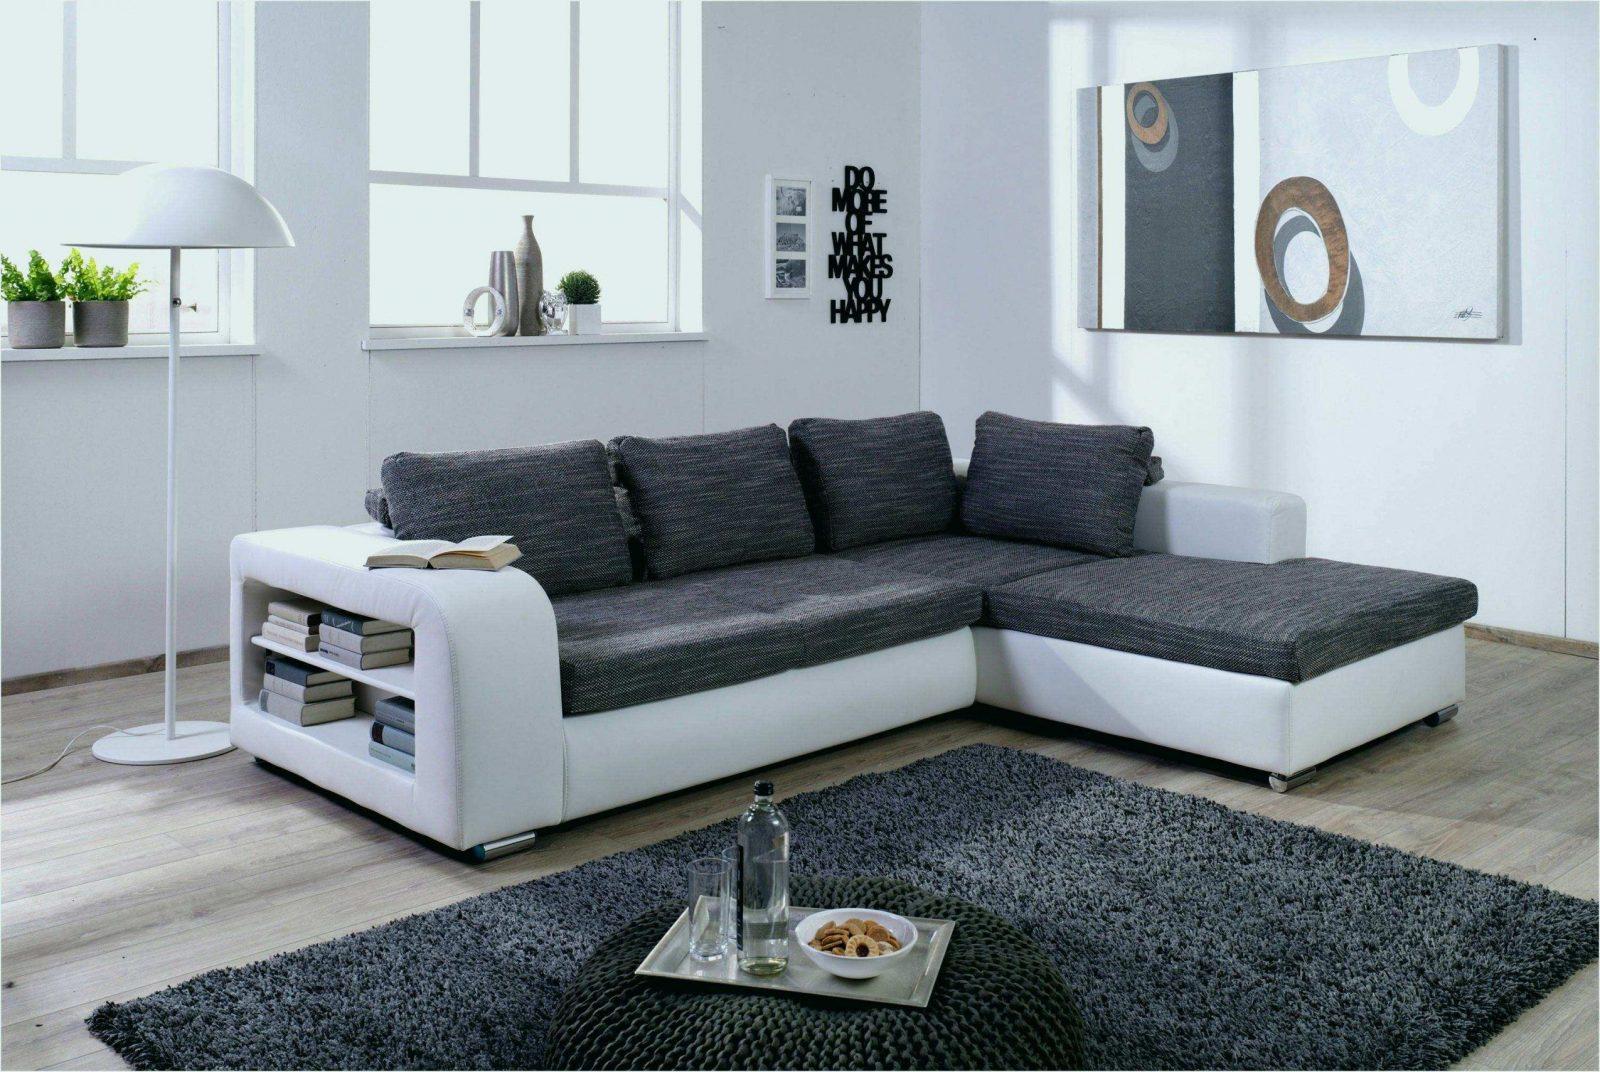 Sofa Xxl Mit Schlaffunktion Inspirational Big Sofa Xxl U Form Trendy von Couch L Form Mit Schlaffunktion Photo